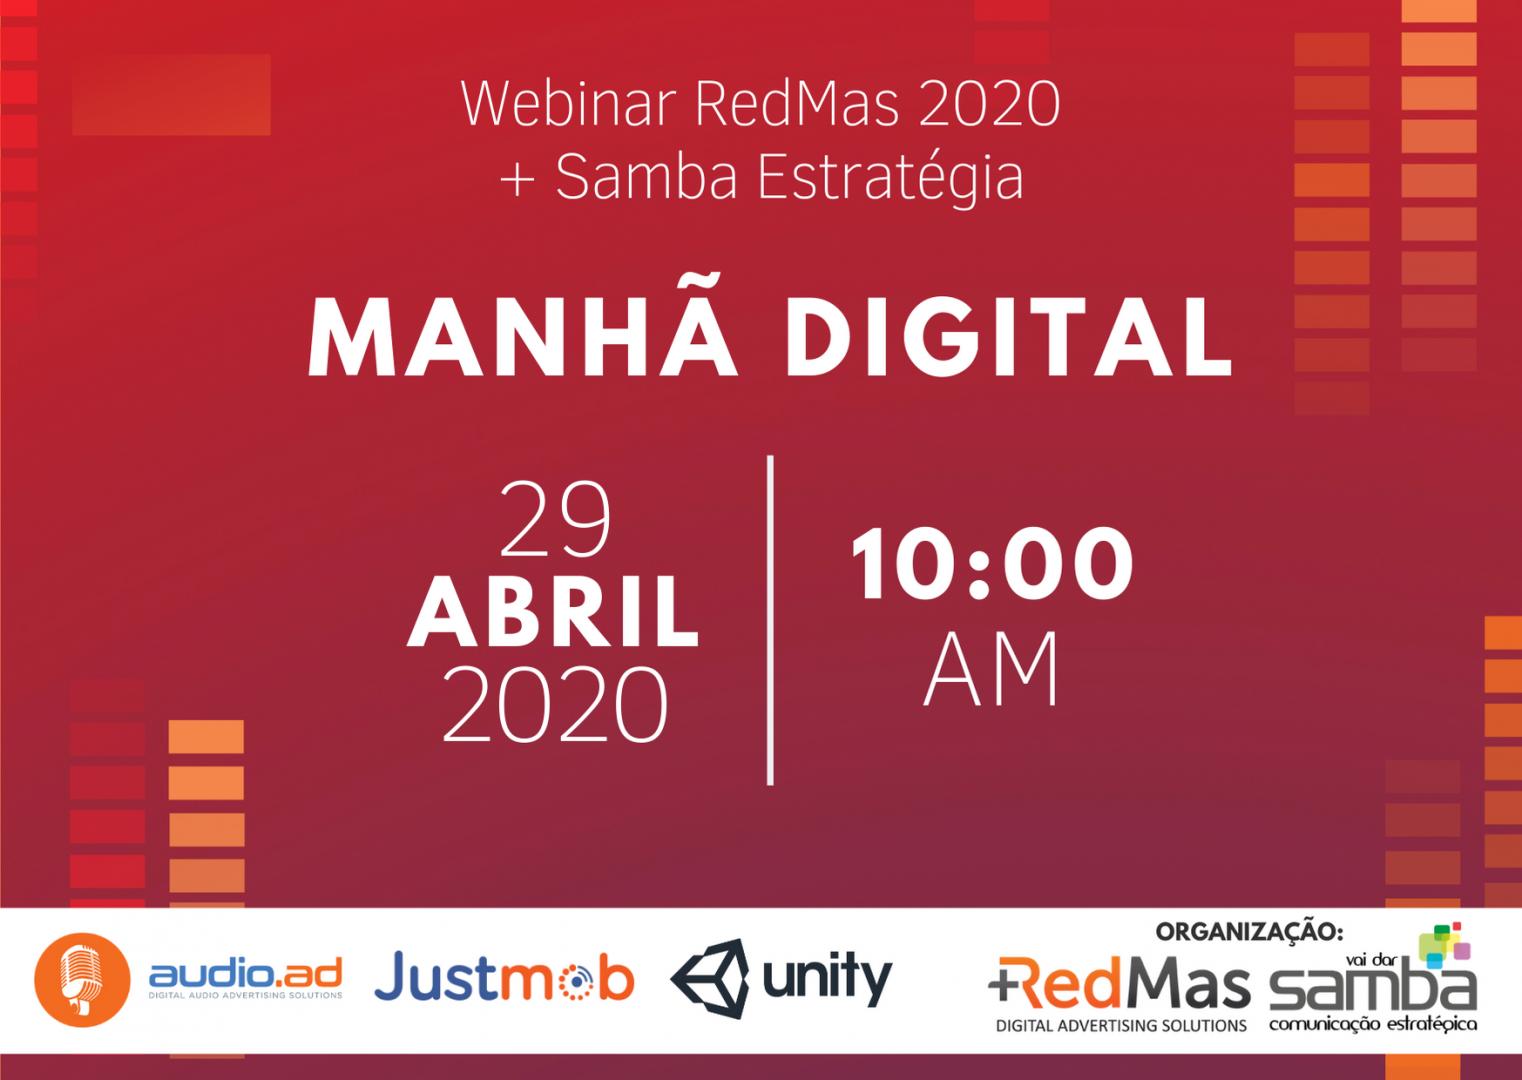 RedMas e Samba Estratégia realizam bate-papo virtual